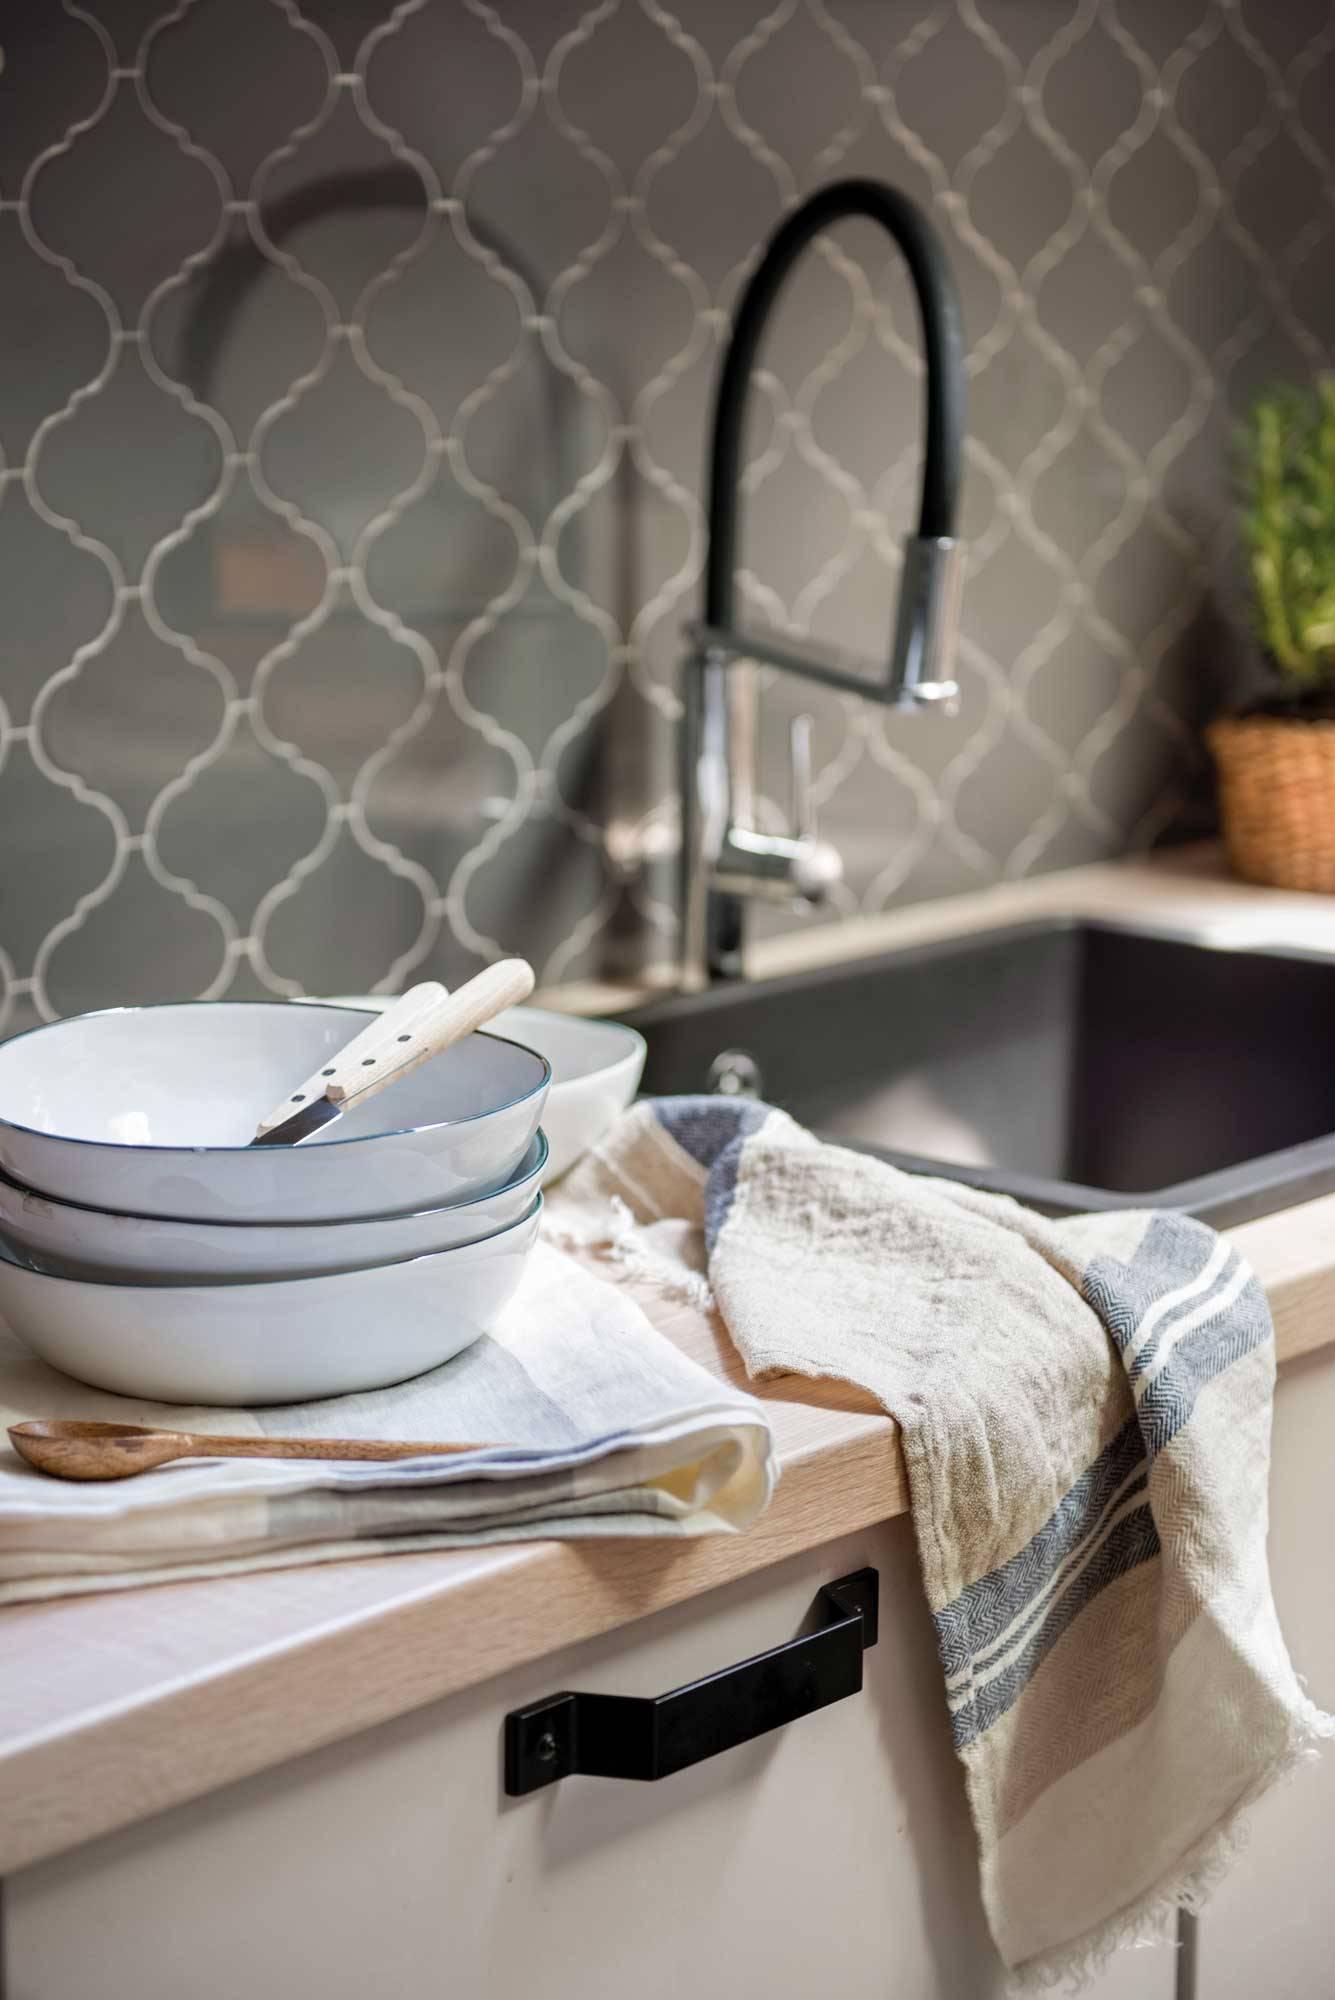 cocina-con-platos-apilados-junto-al-fregadero-00507379. Los platos de la bandeja inferior no salen tan limpios como los de la superior